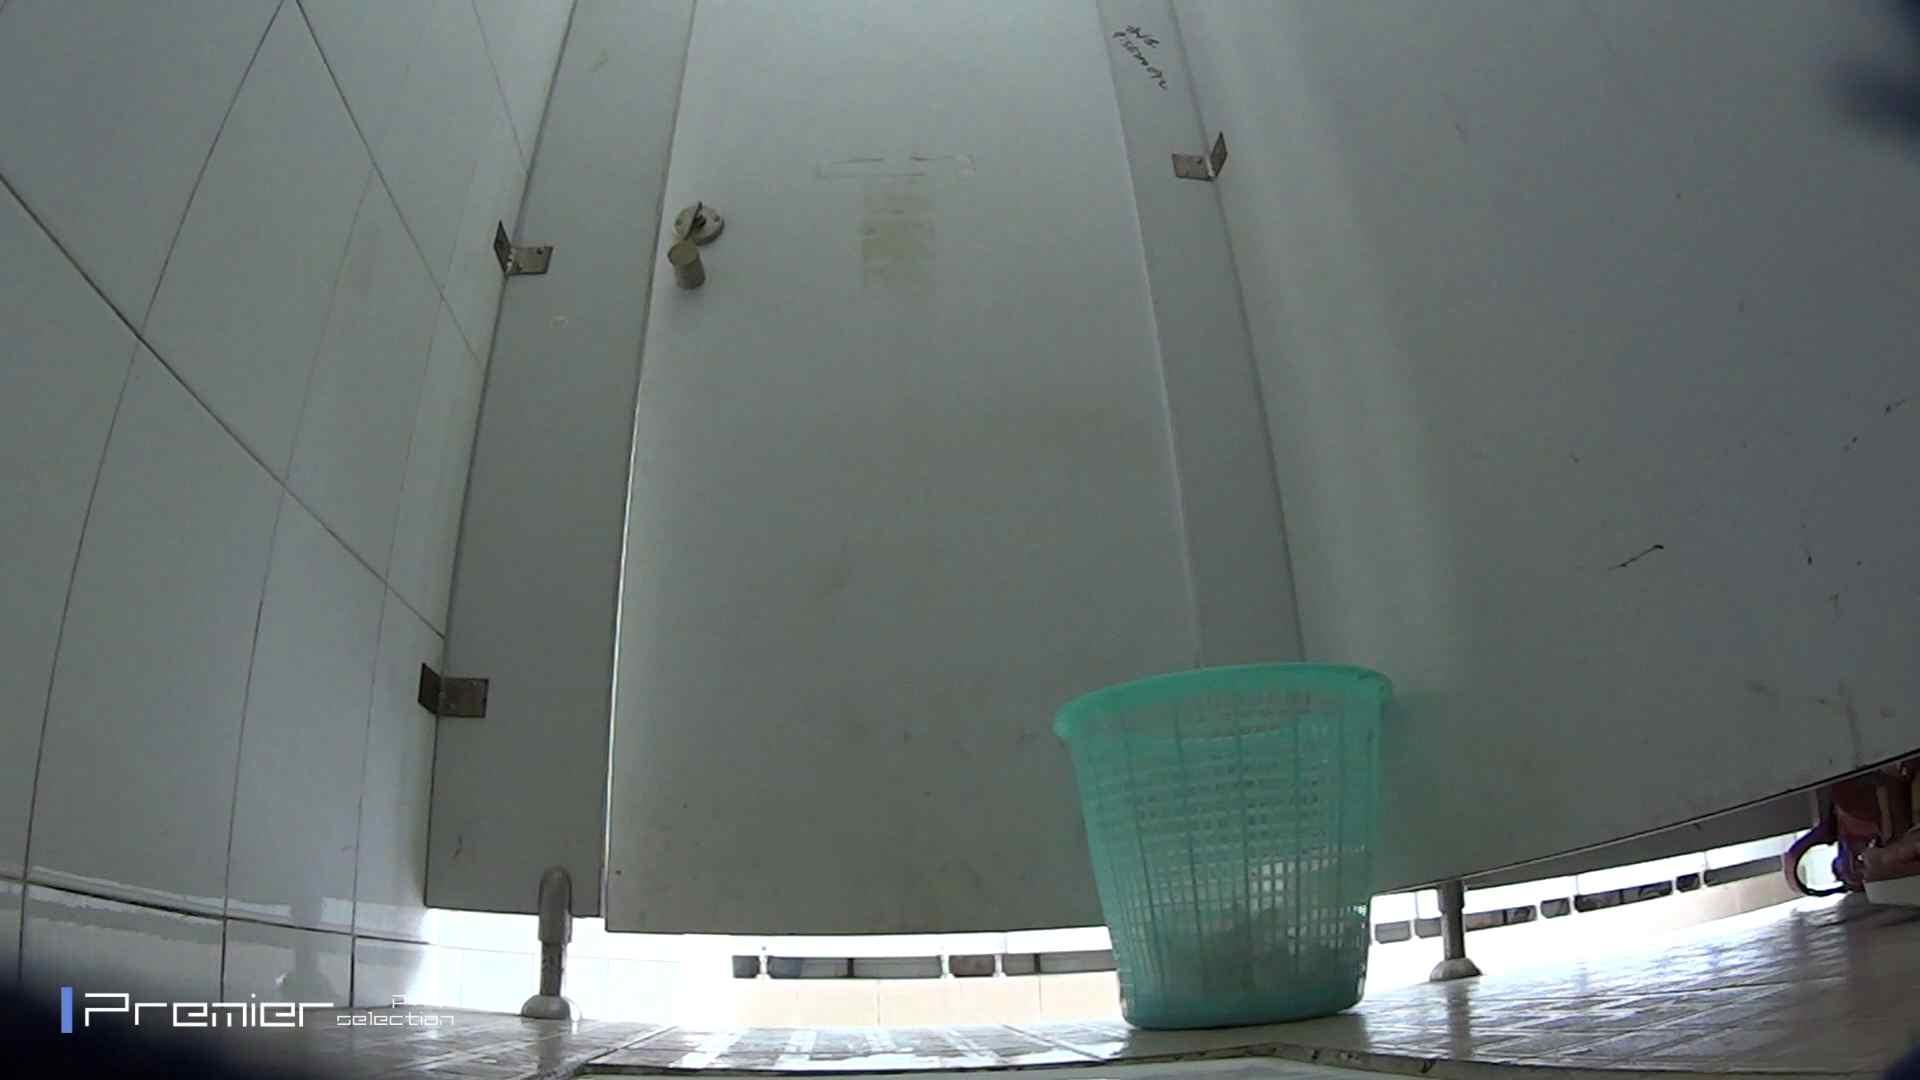 美しい女良たちのトイレ事情 有名大学休憩時間の洗面所事情06 盗撮エロすぎ | トイレ中  55連発 28